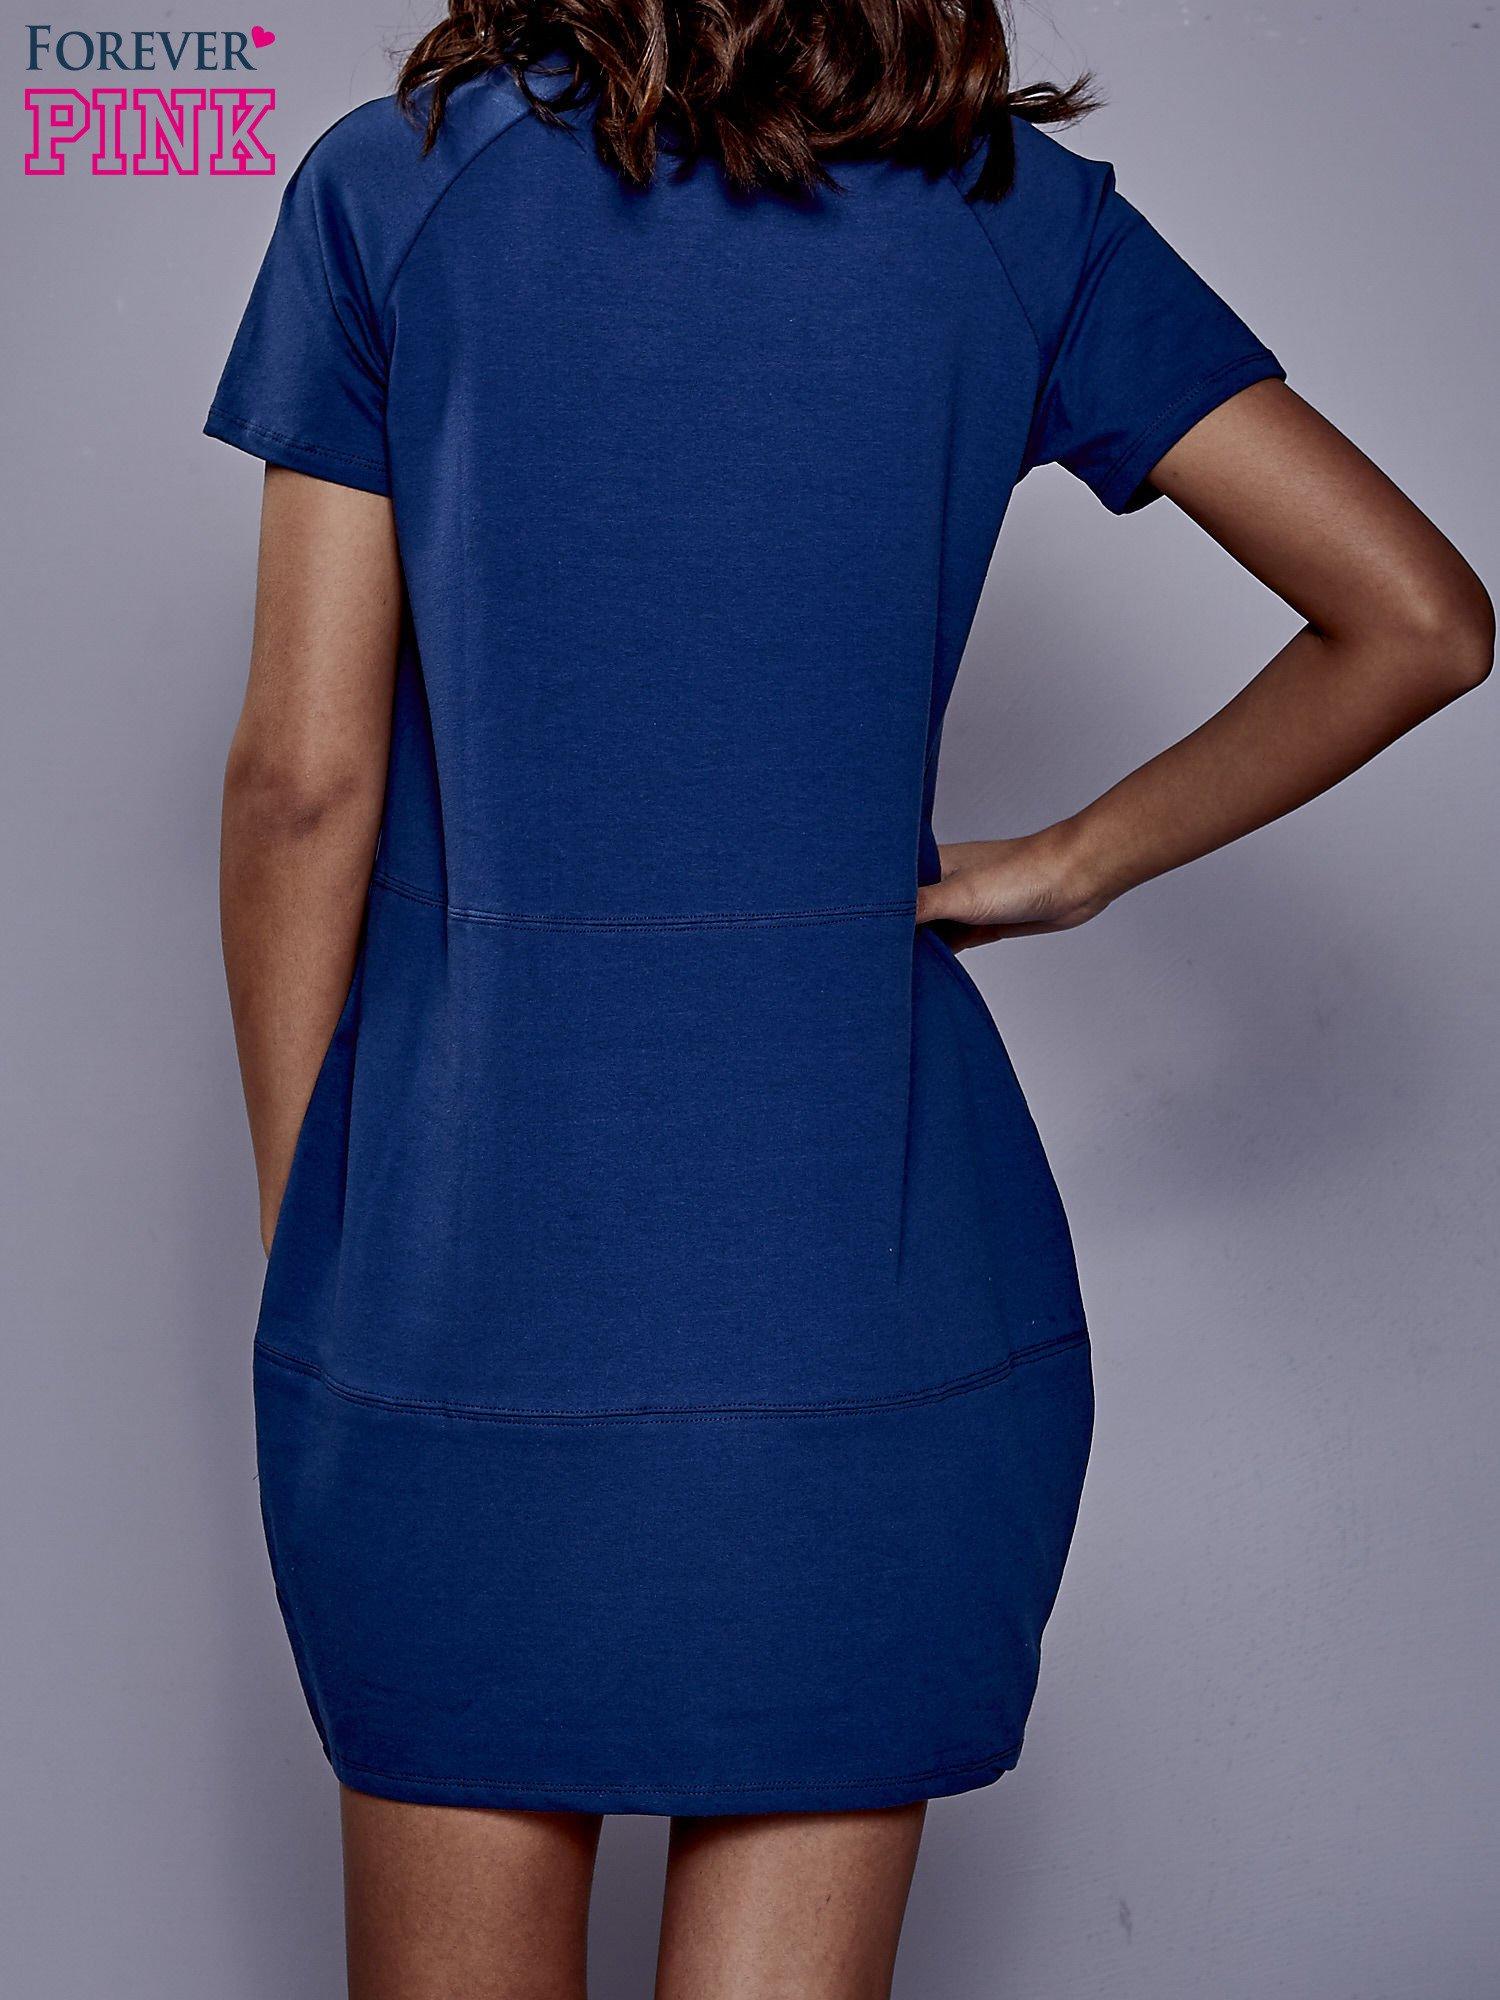 Ciemnoniebieska sukienka dresowa z kieszenią z boku                                  zdj.                                  5